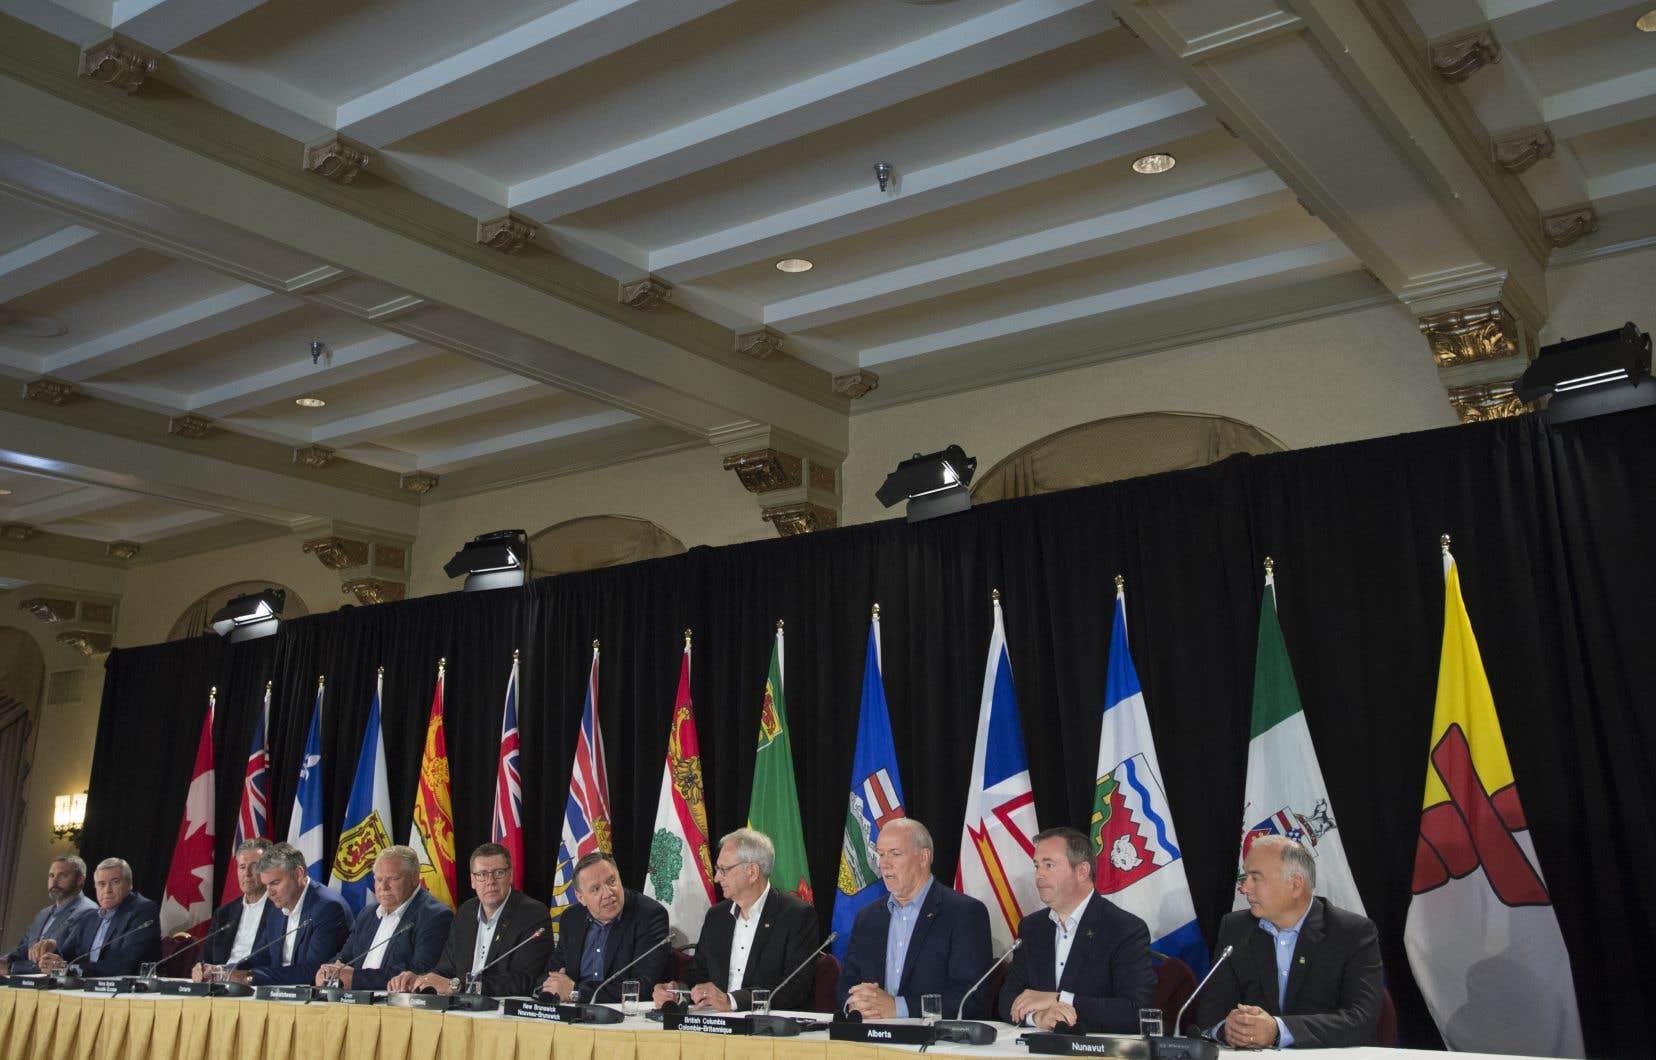 Les 13 premiers ministres réunis à Saskatoon ont rappelé, dans une lettre transmise à chacun des chefs de partis politiques fédéraux en prévision des élections canadiennes, que «le Canada fonctionne à son meilleur lorsque le partage des compétences est respecté».